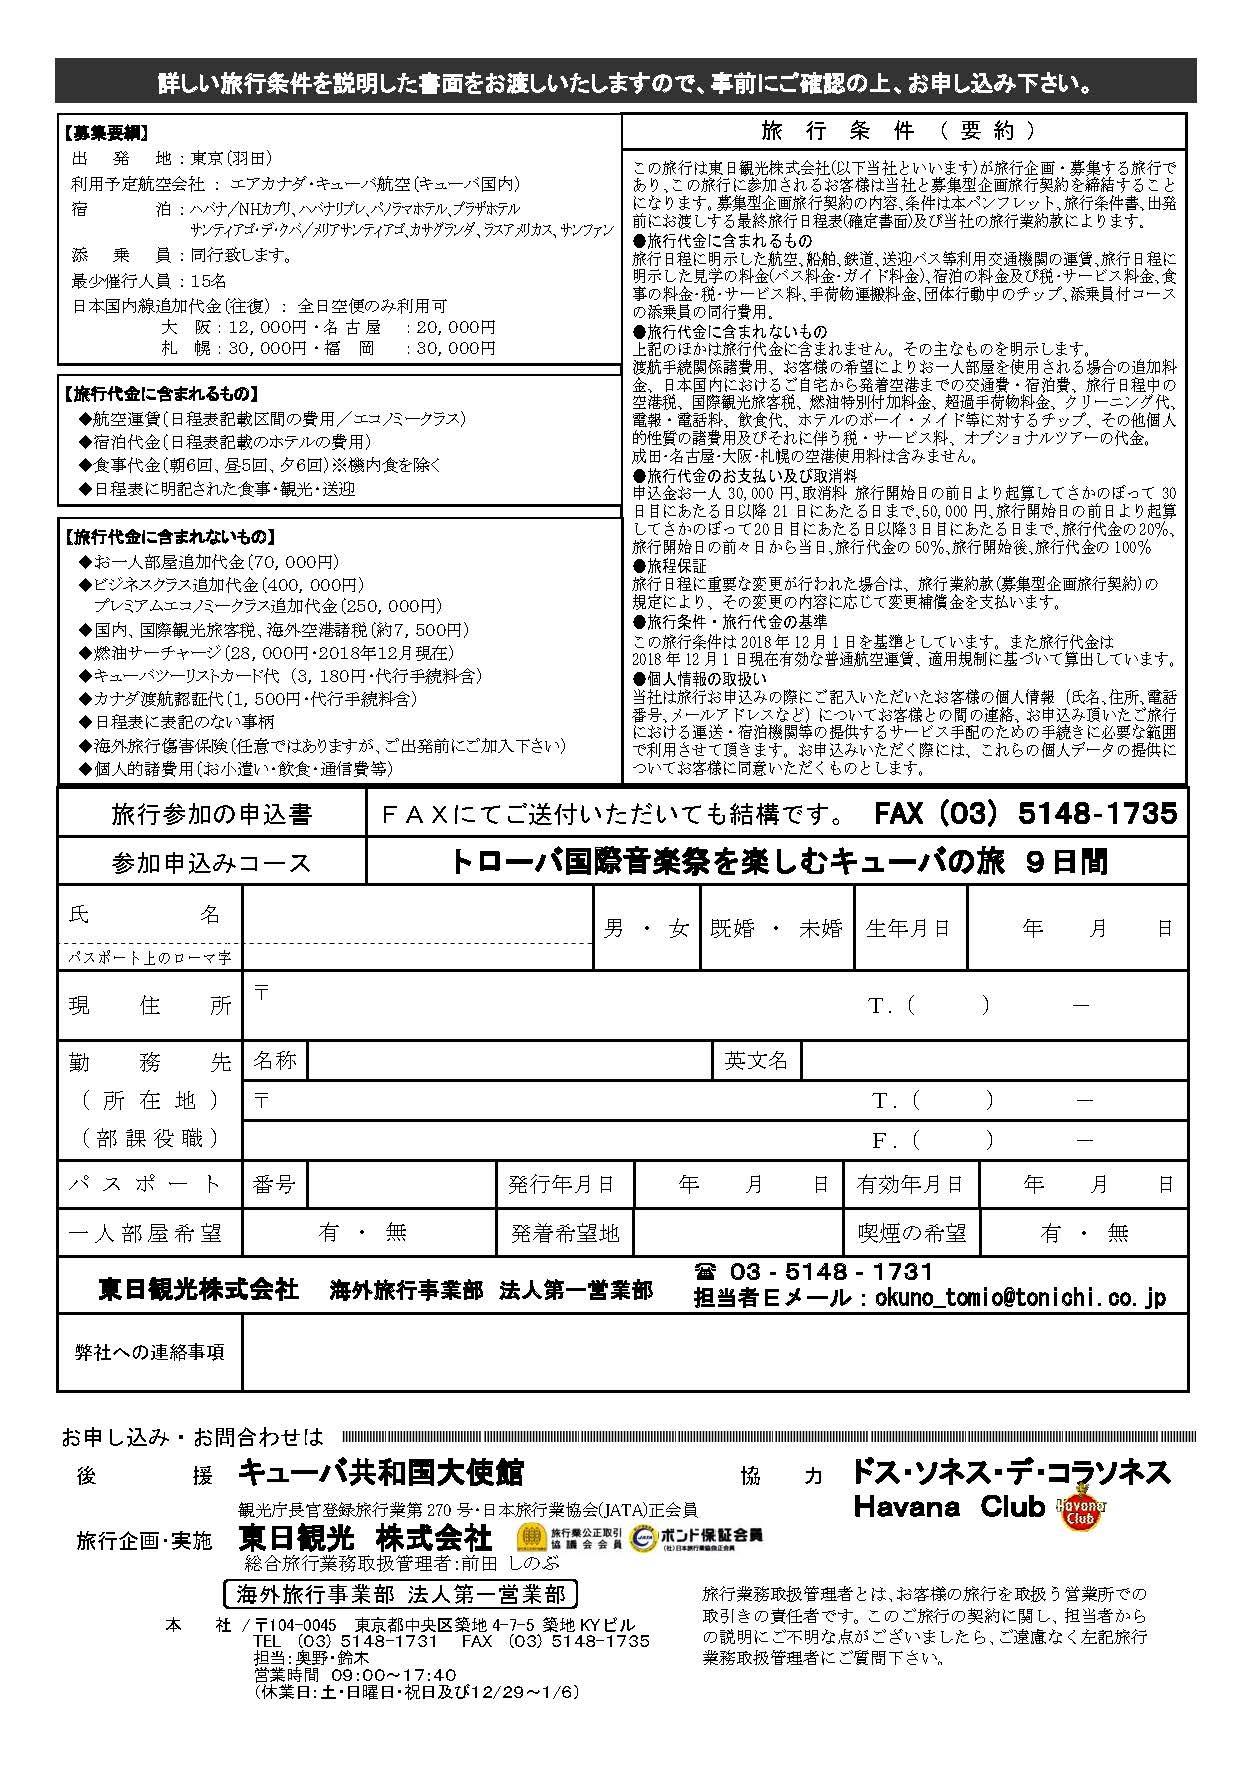 1/27(日),2/15(金)は名古屋へ_a0103940_02372329.jpg